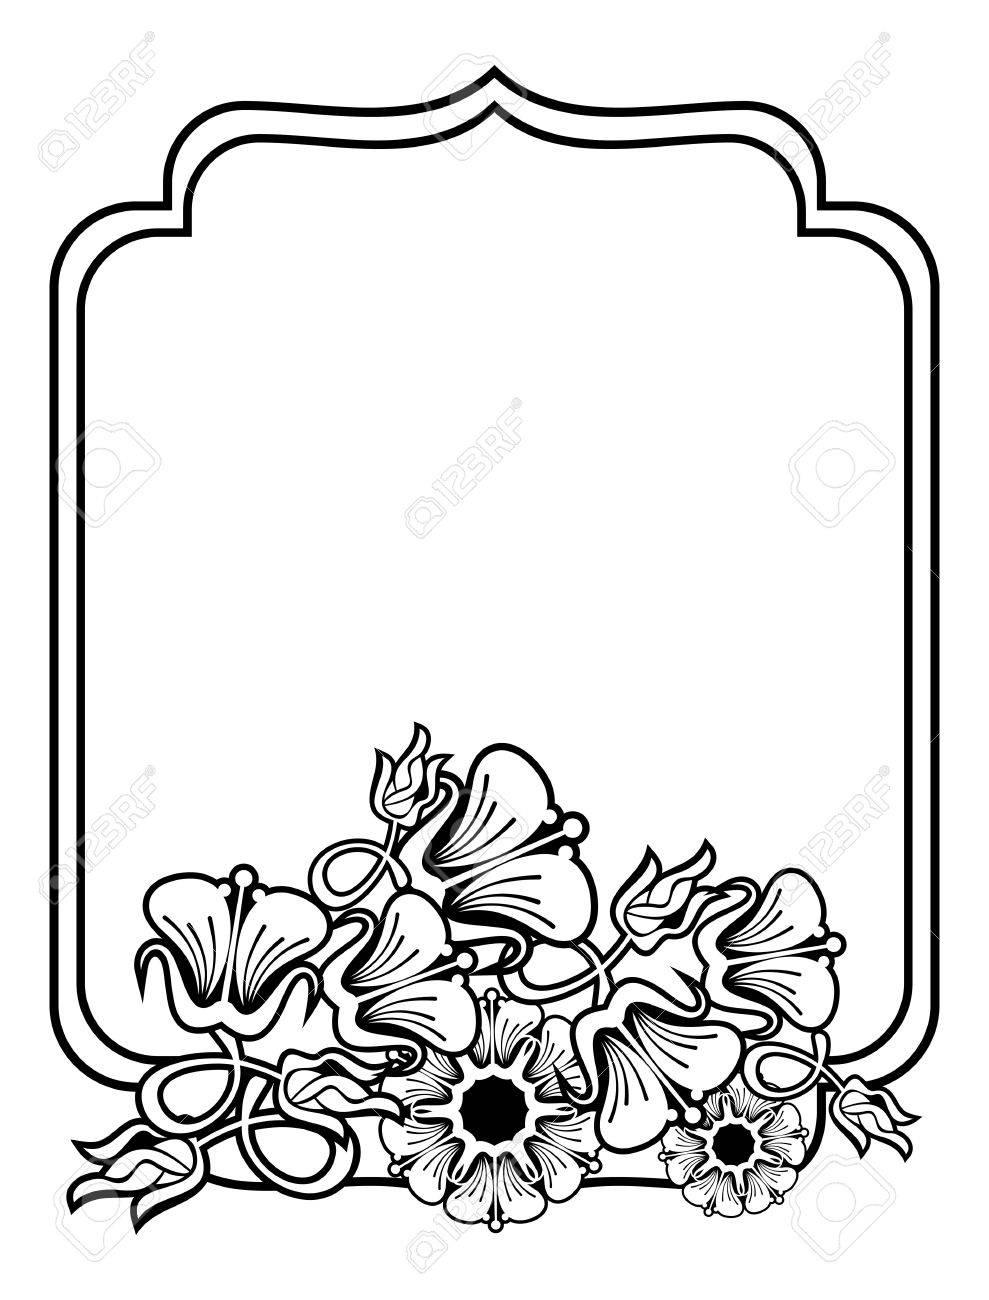 Contorno Vertical Negro Y Marco Blanco Con Flores Abstractas. El ...